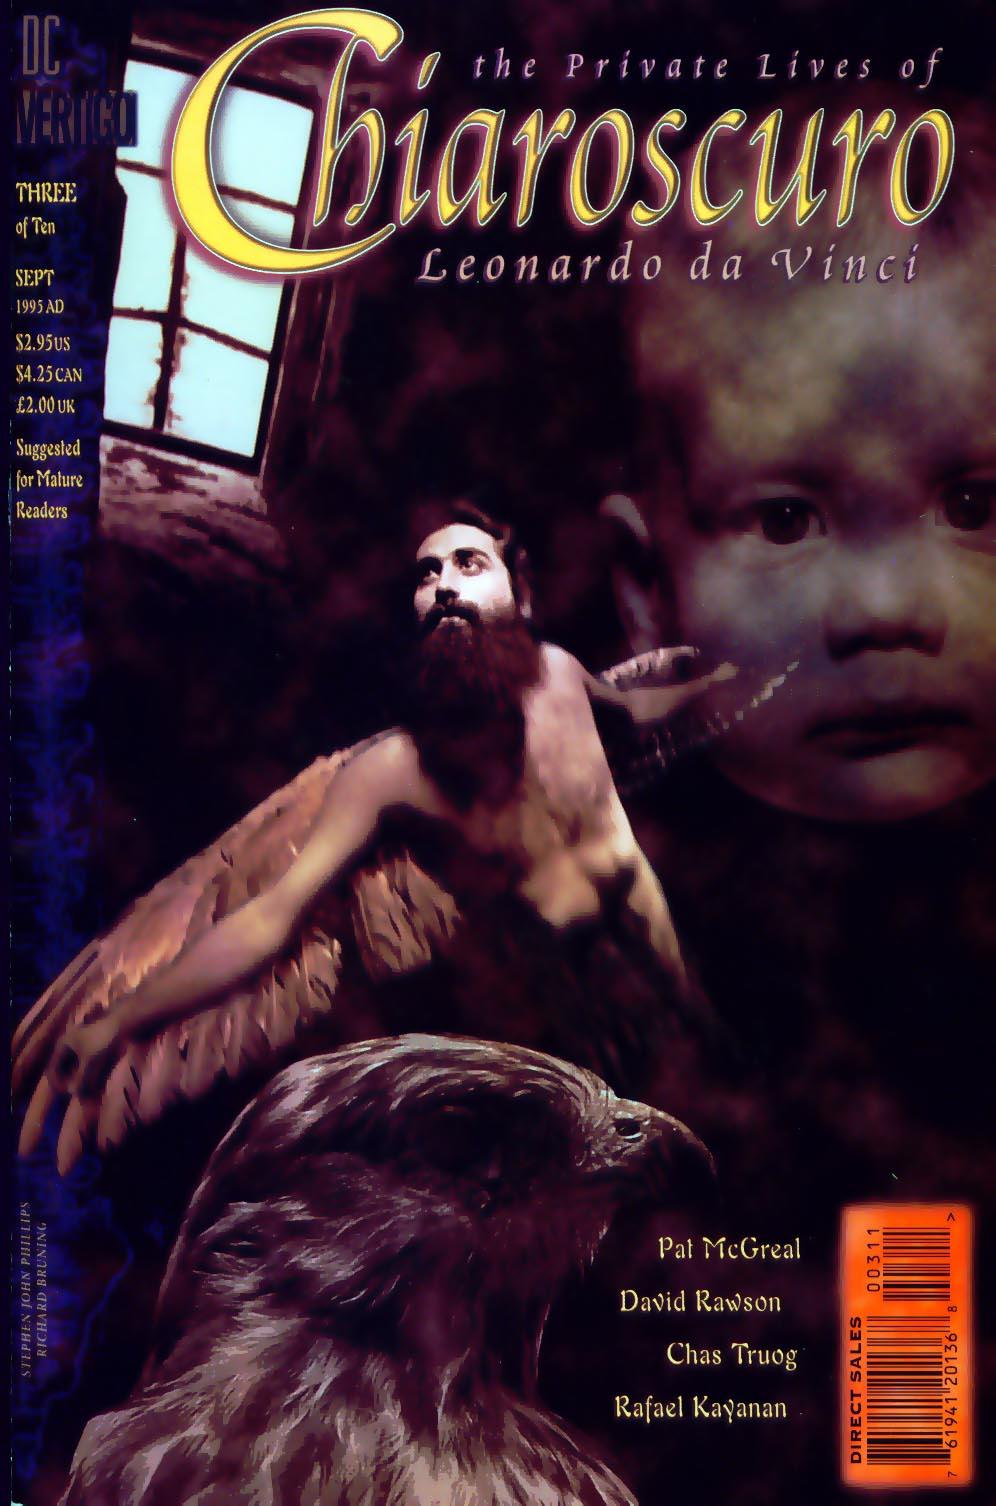 Chiaroscuro: The Private Lives of Leonardo da Vinci Vol 1 3